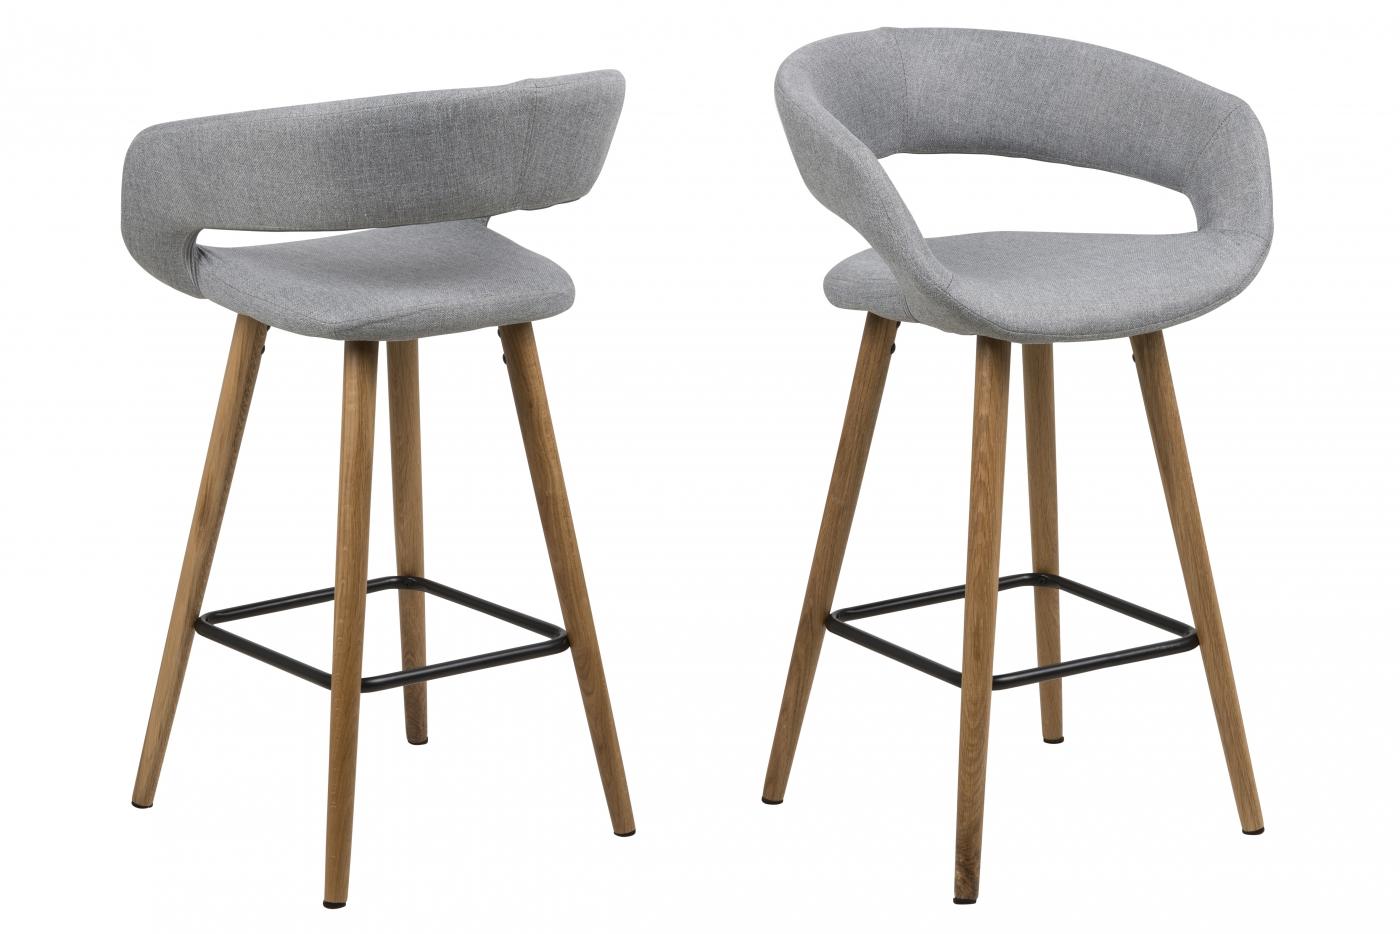 Barové židle Grace (SET 2ks), tkanina, světle šedá